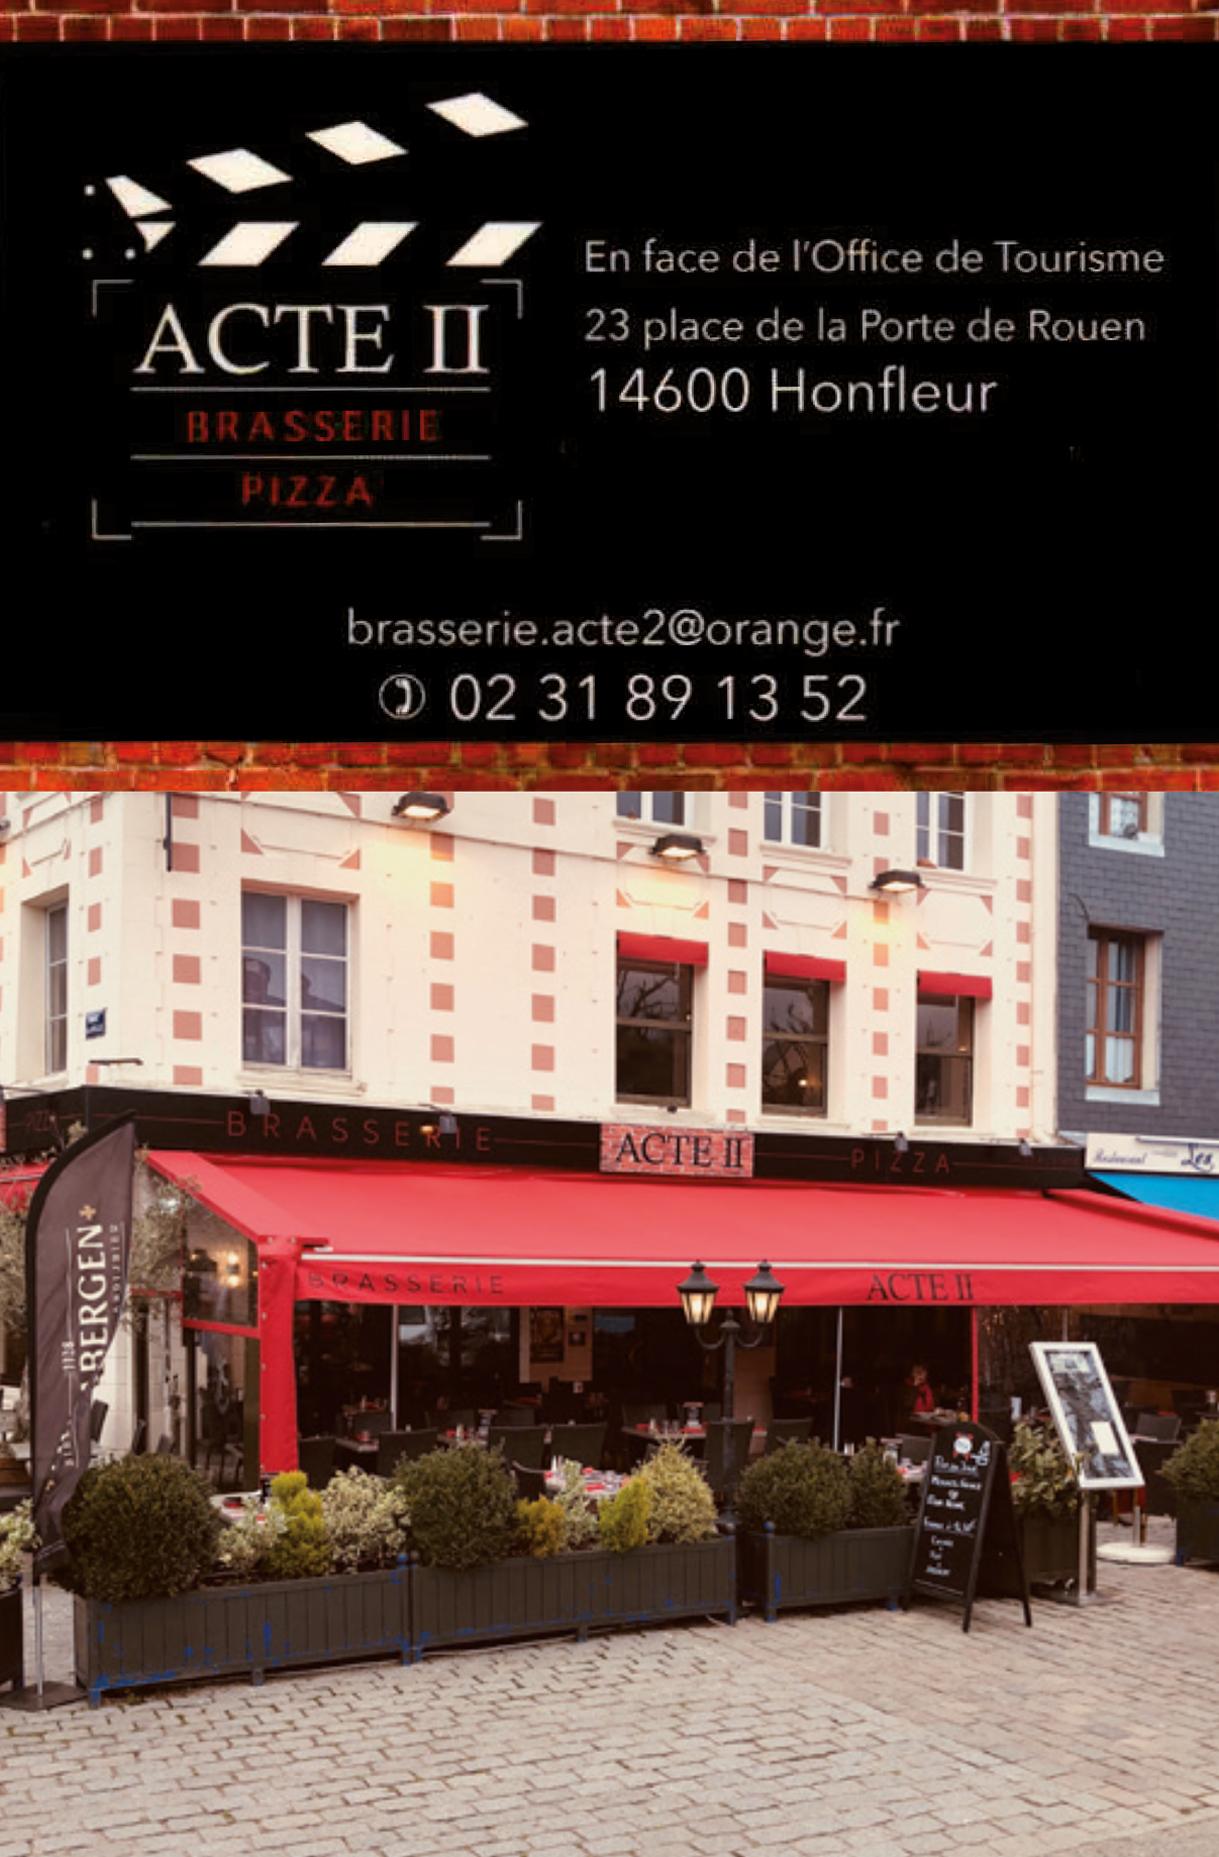 45 - Acte II